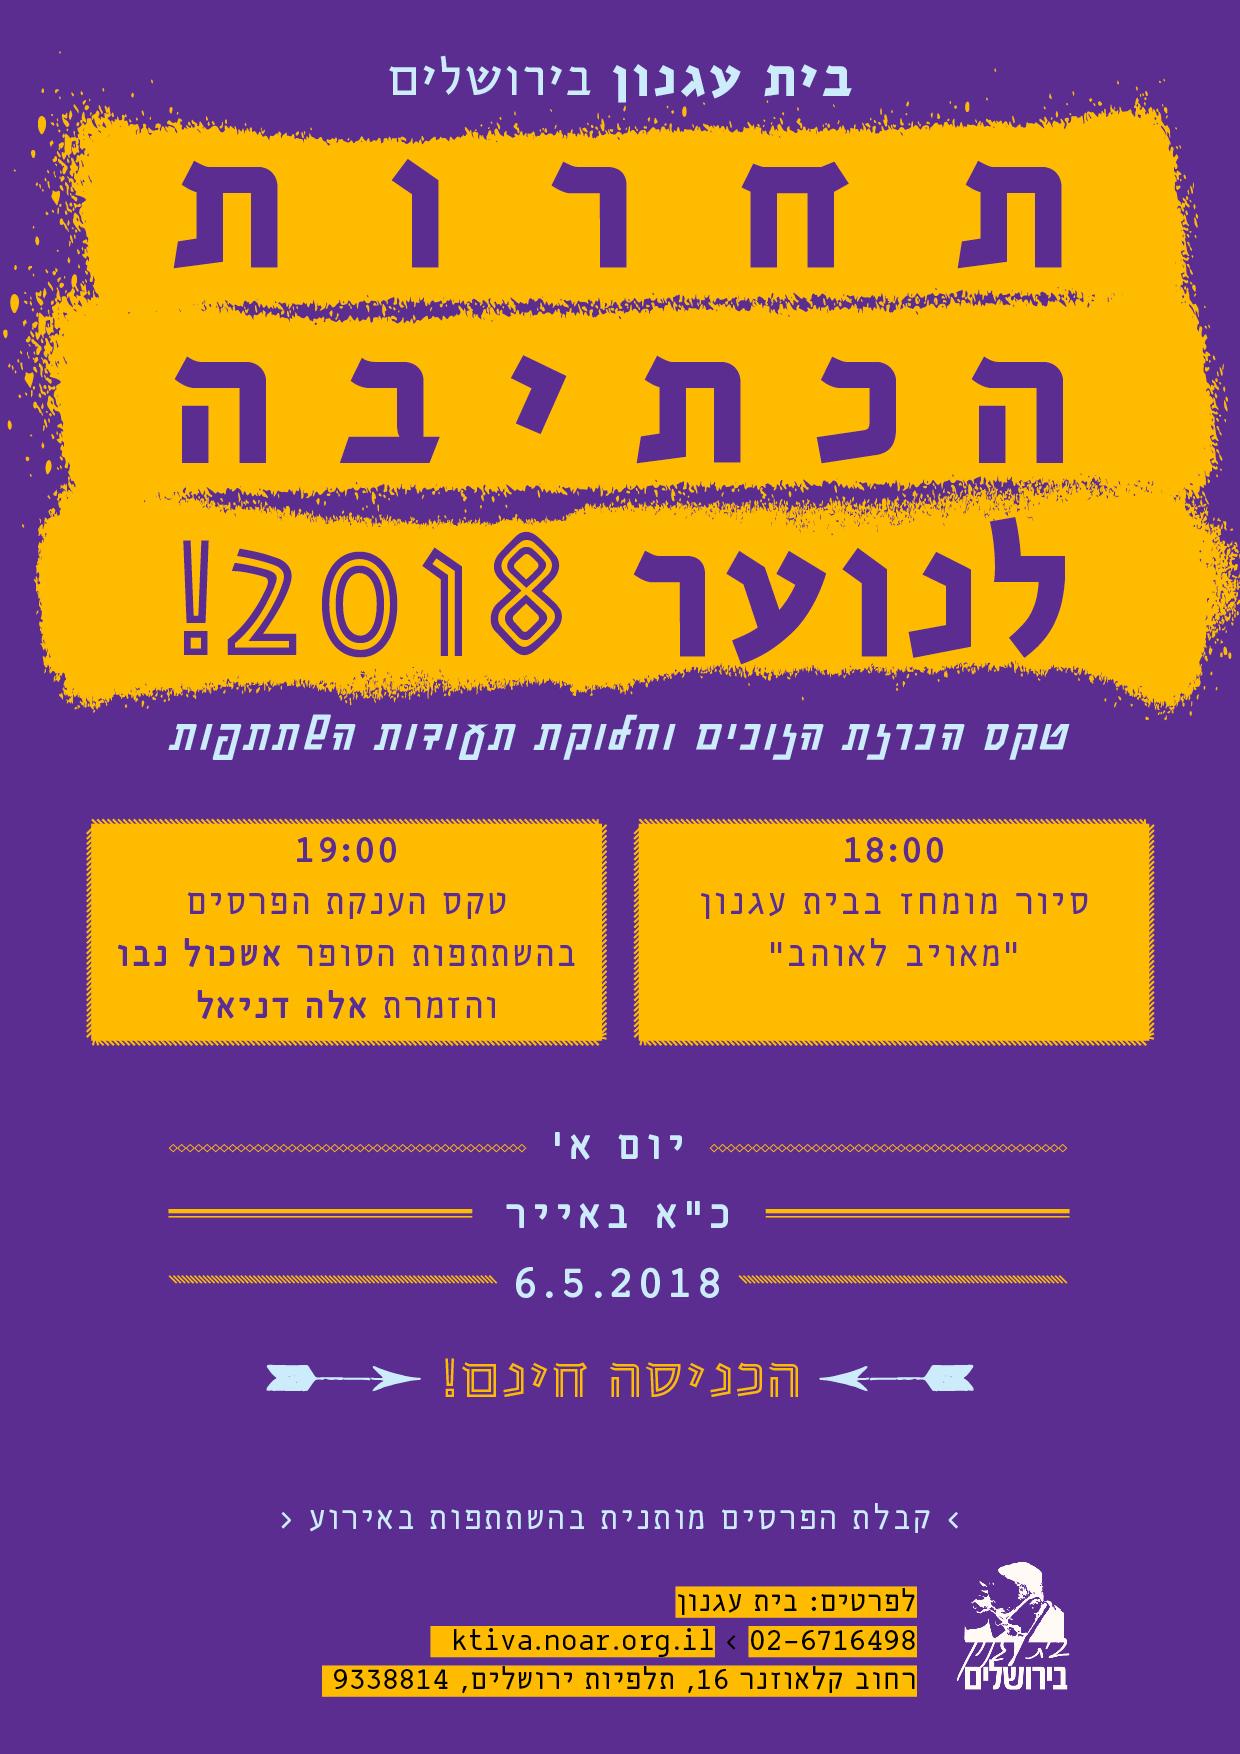 2018 אירוע שיא תחרות הכתיבה לנוער